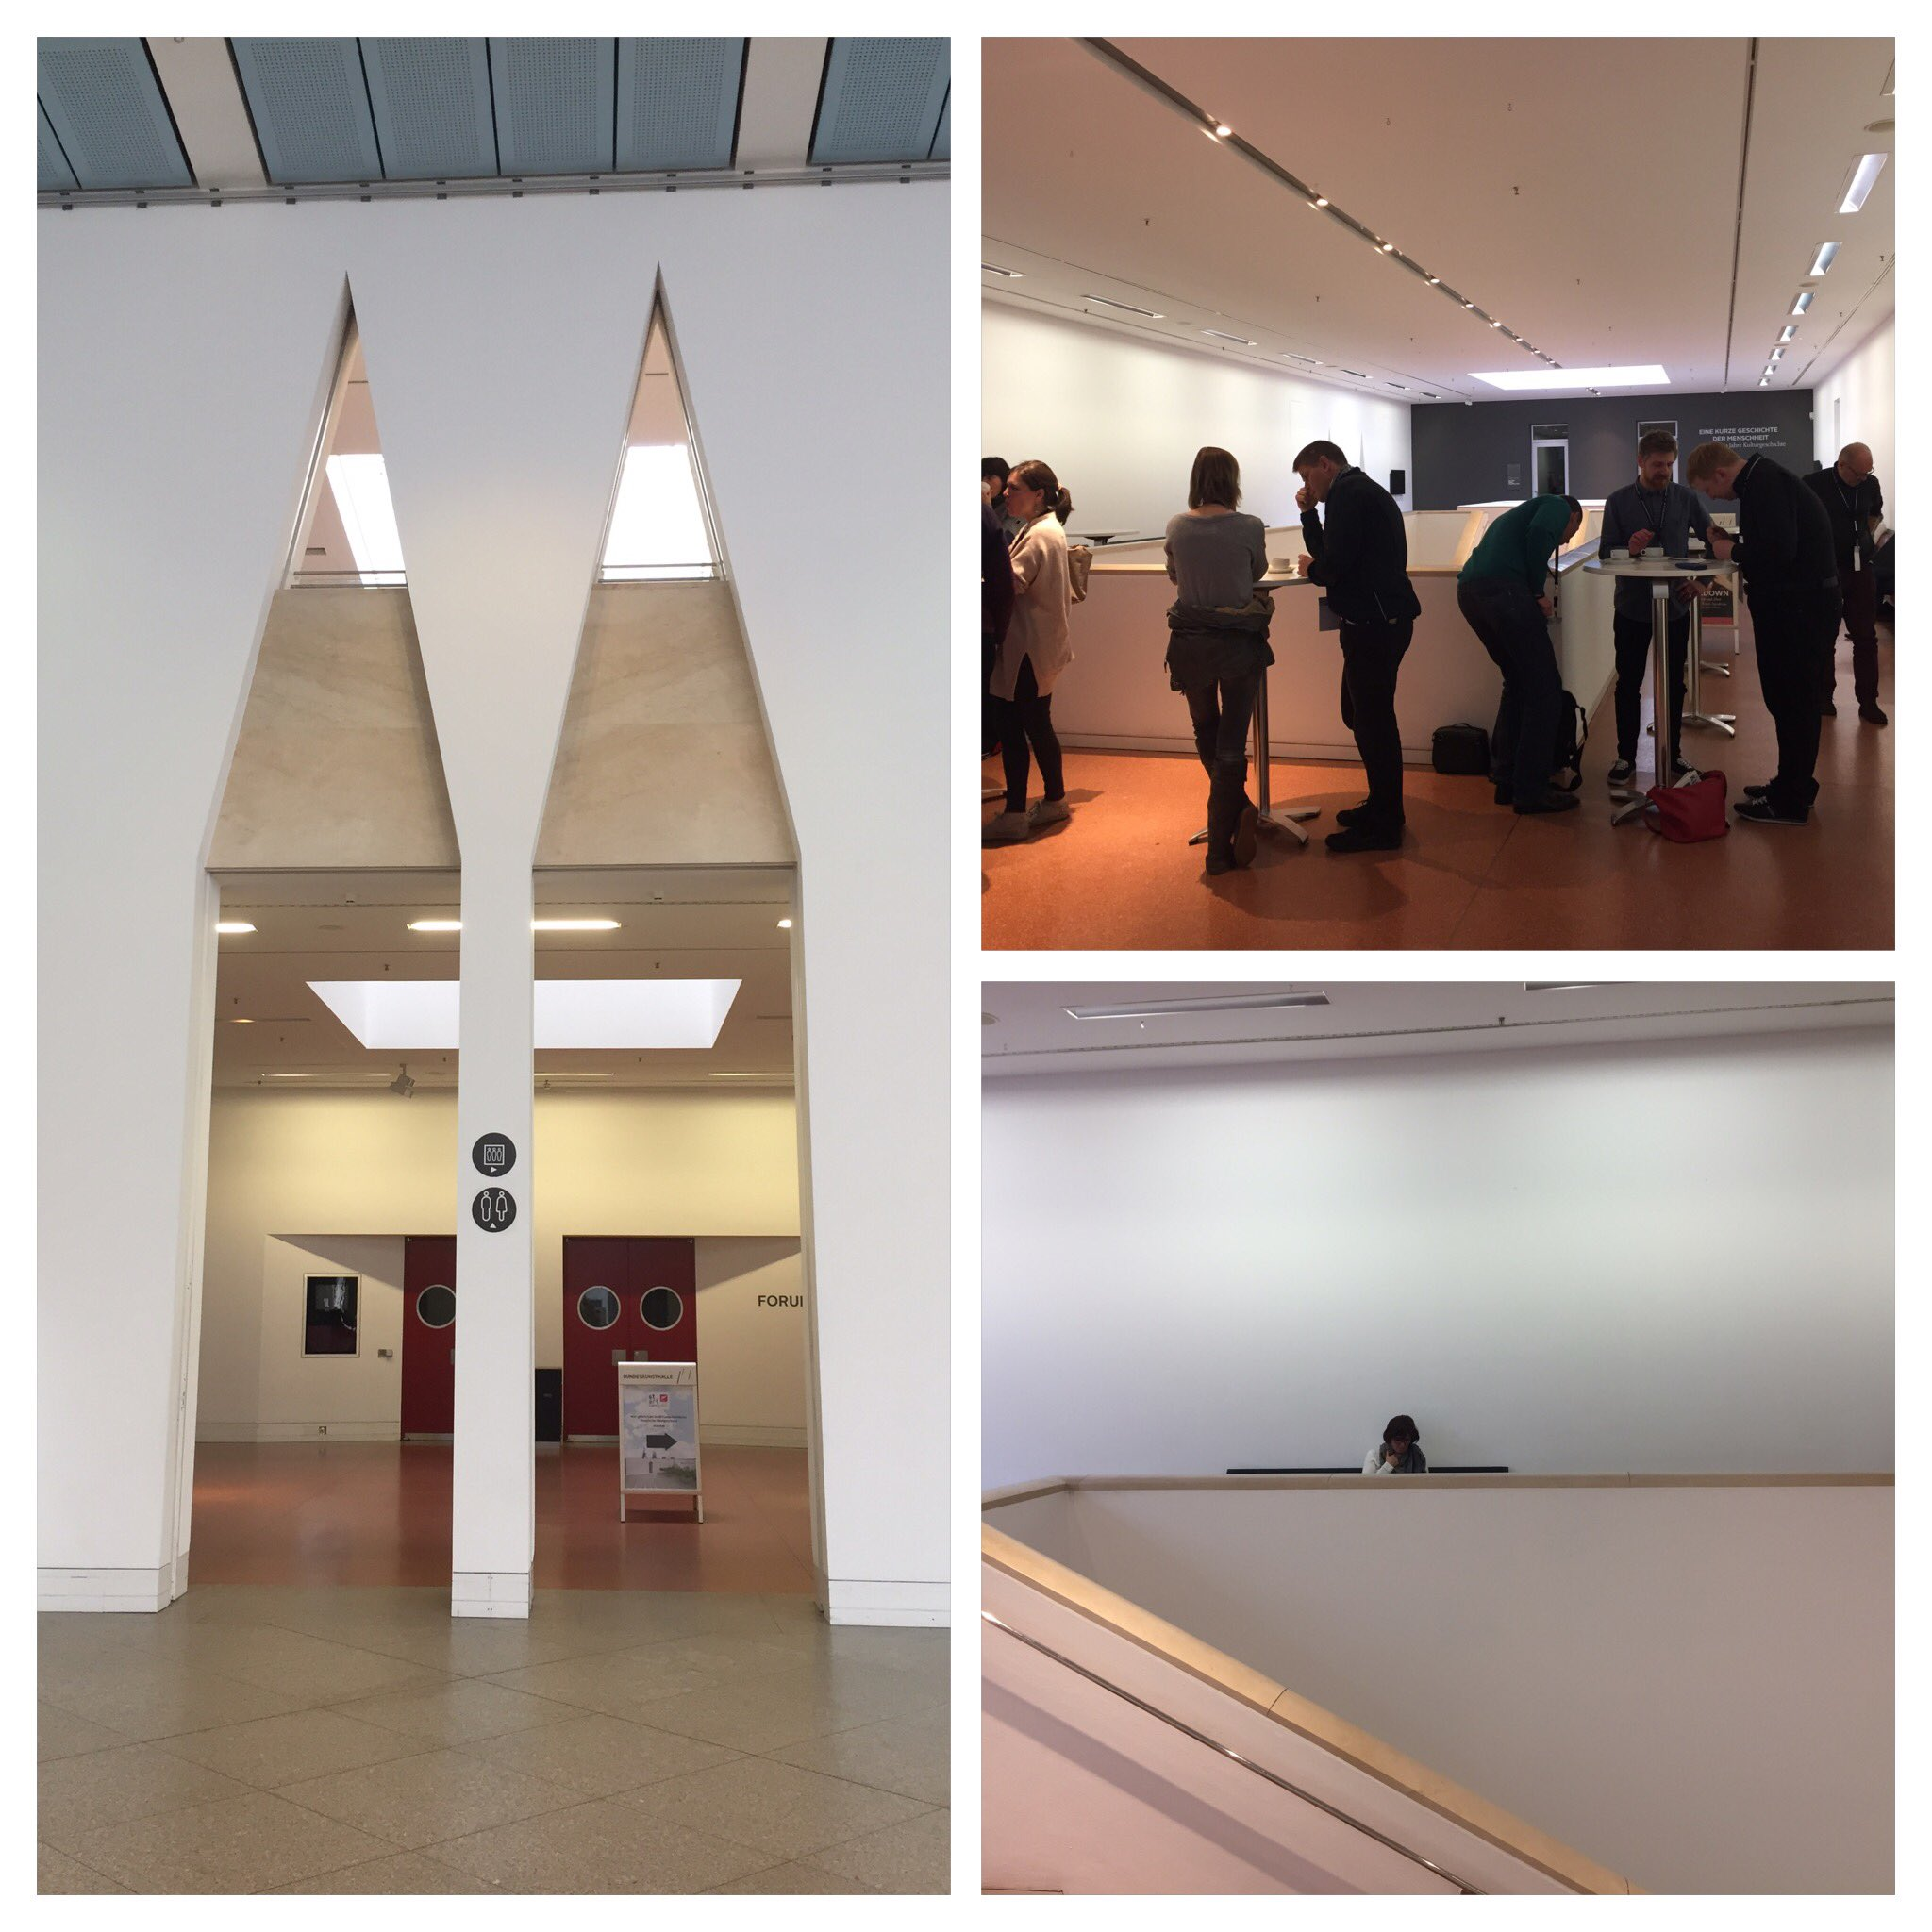 Ich feiere übrigens die @bundeskunsthall dafür, dass sie das @stARTcampKB ins Haus geholt haben! #sckb16 #museum #bestpractices https://t.co/aDVdFXWmQD